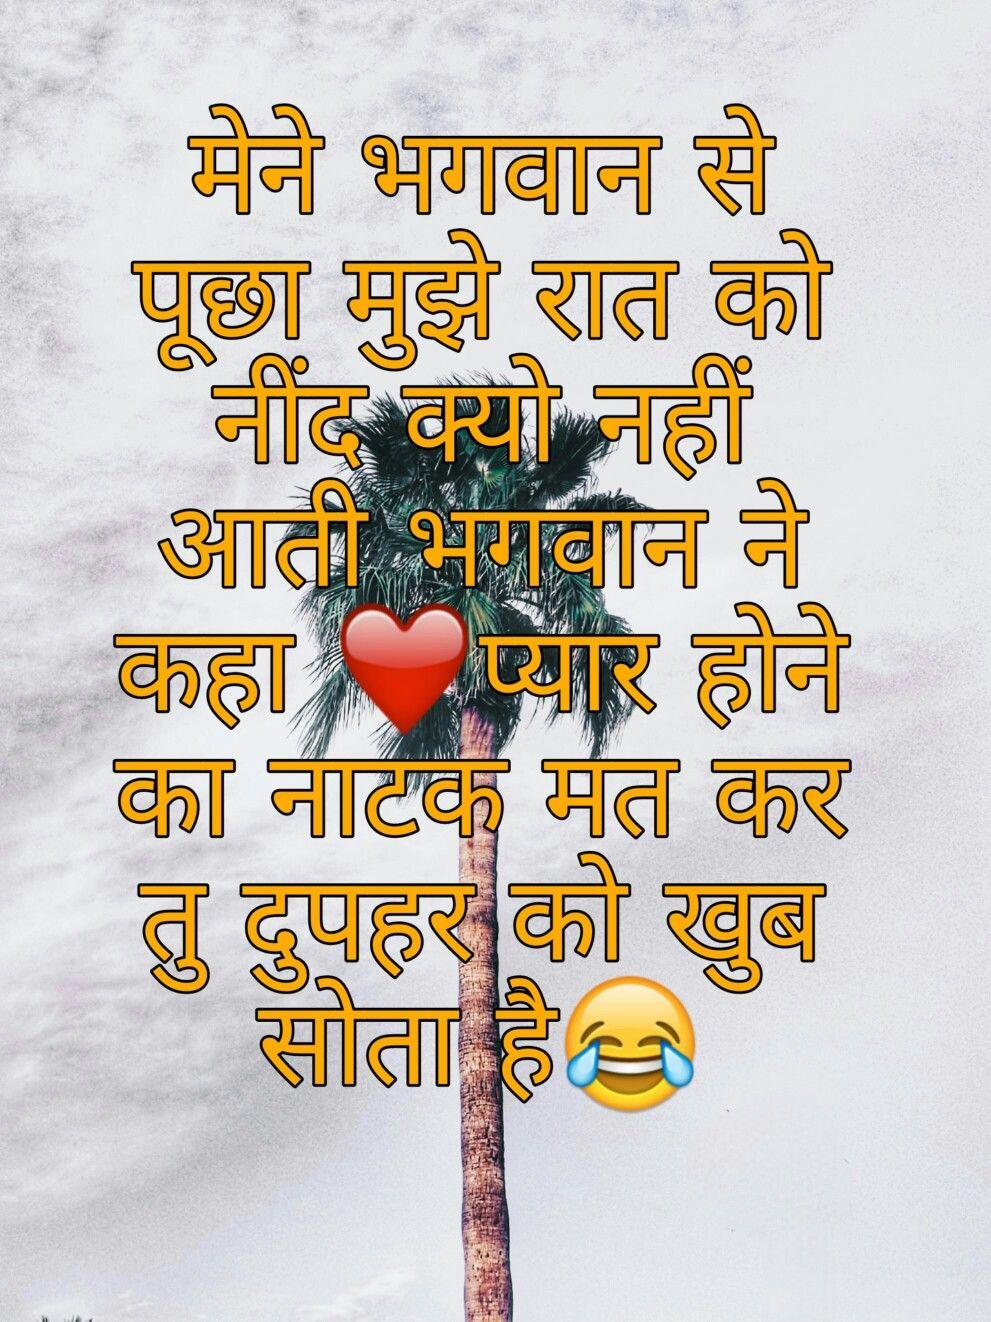 Hindi chutkule in Hindi language in 2020 Hindi chutkule